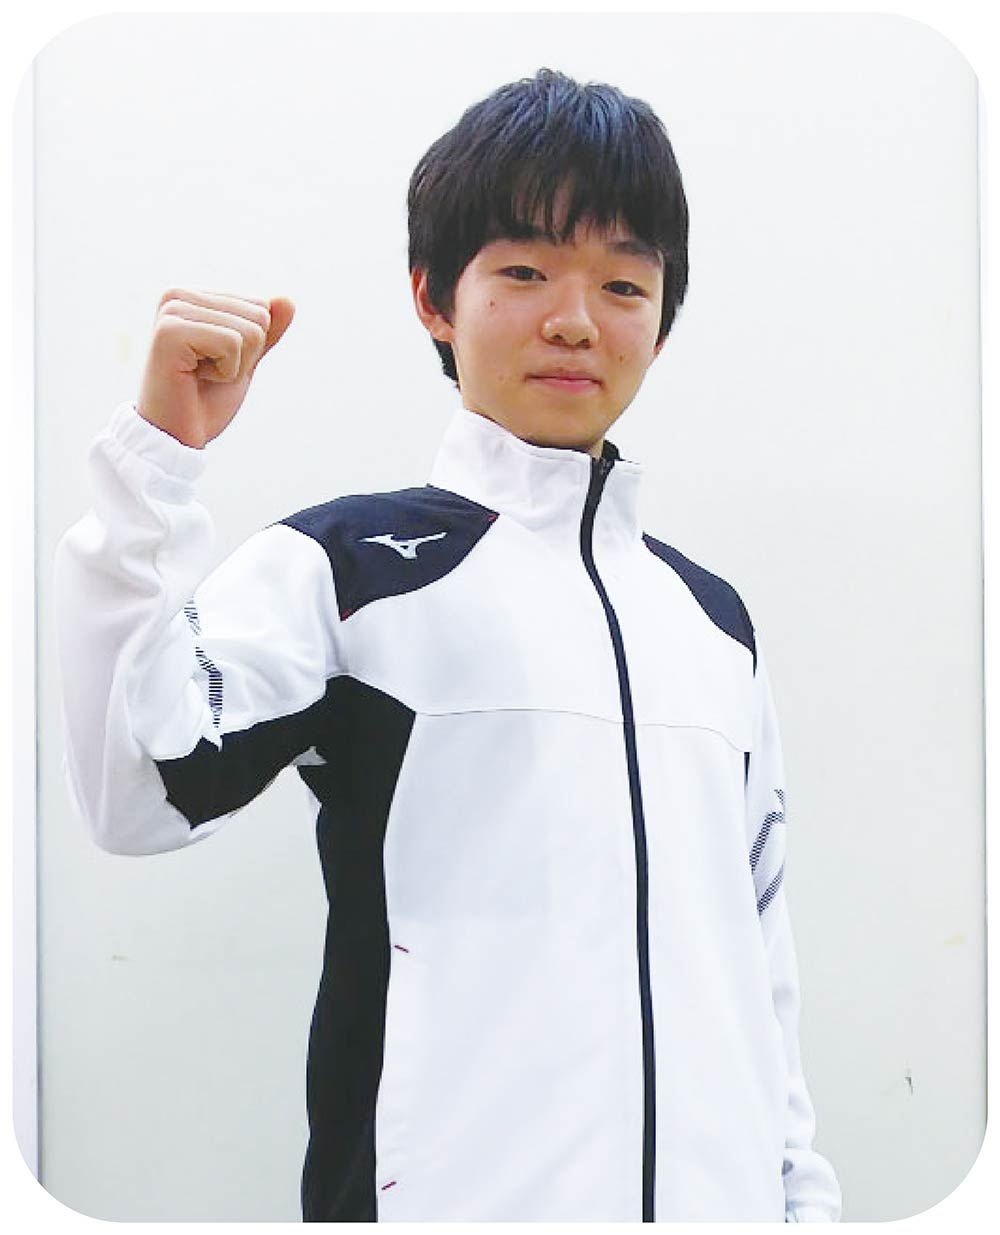 星槎国際横浜2年鍵山選手、フィギュアスケート関東選手権大会にて優勝!